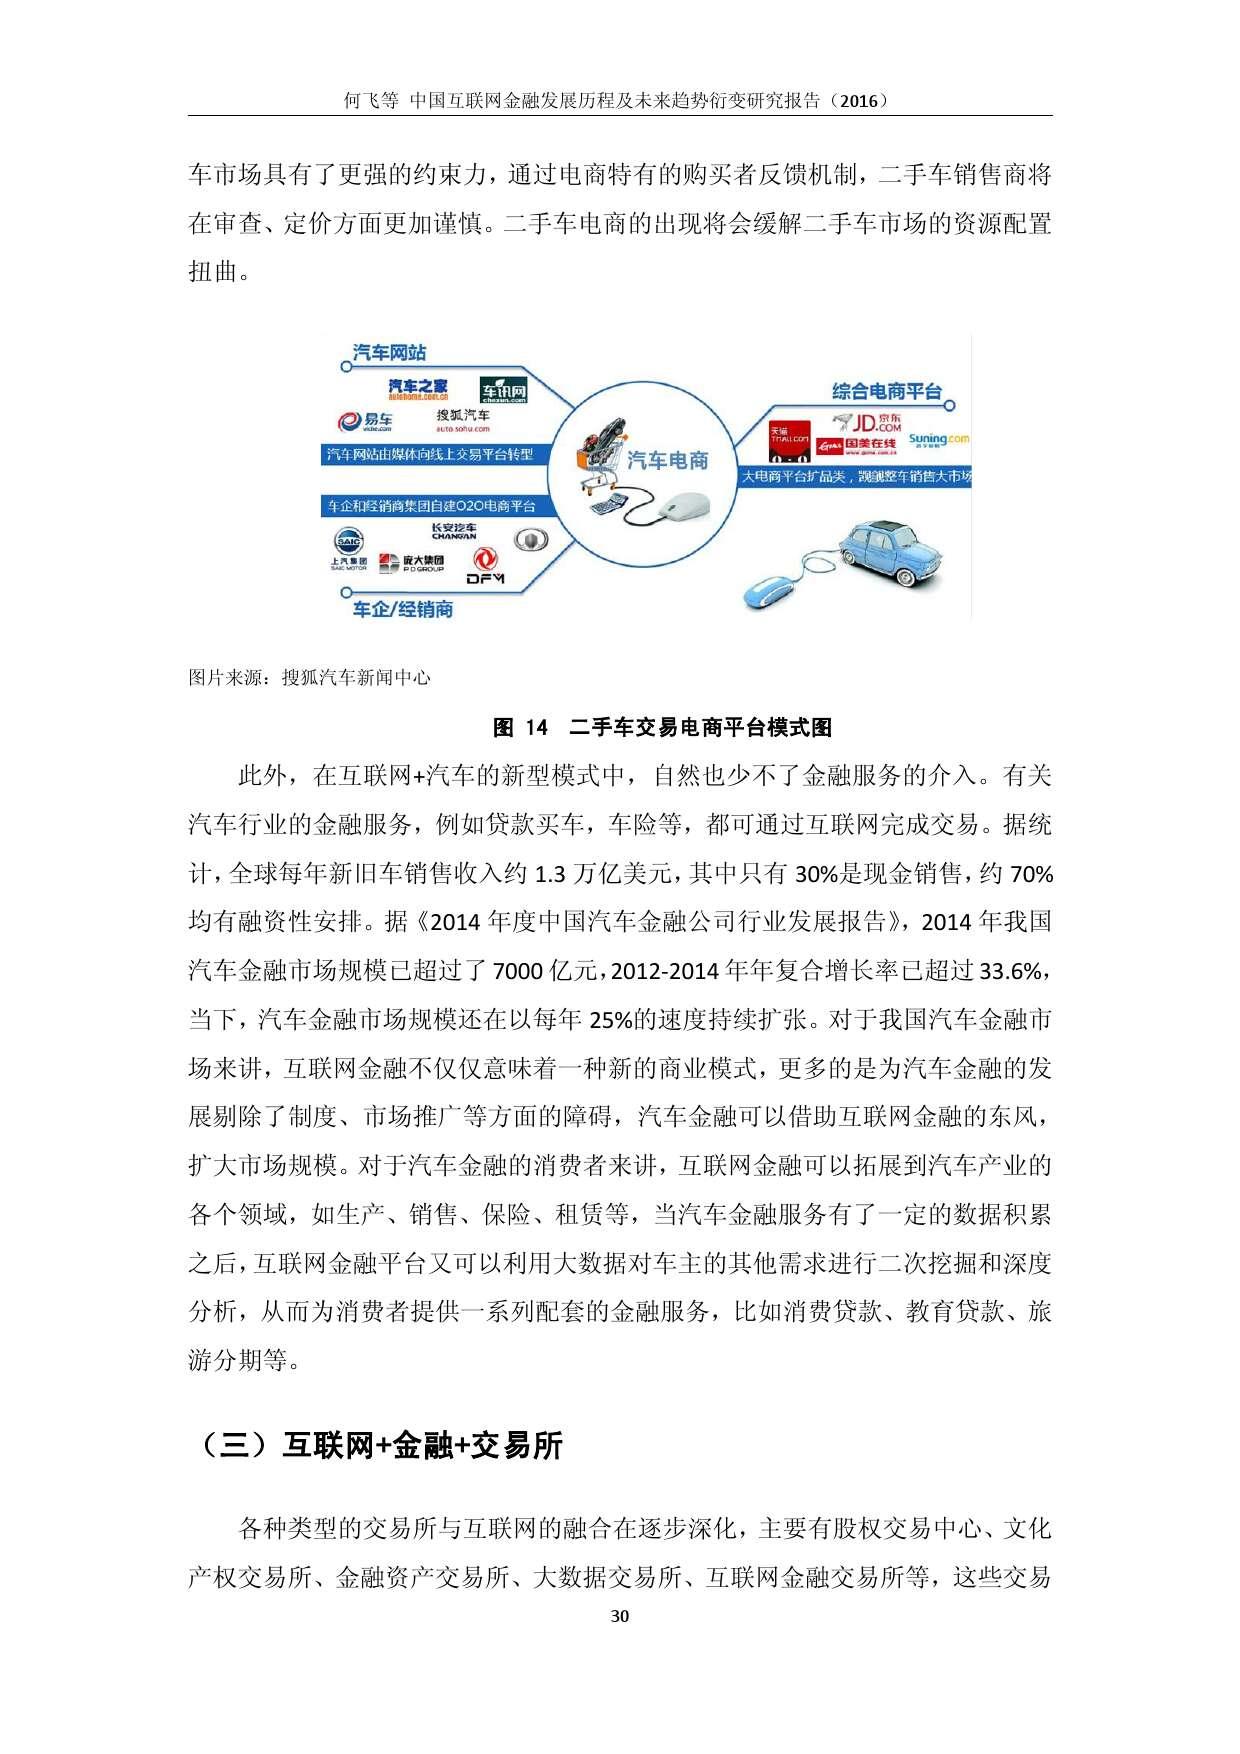 中国互联网金融发展历程及未来趋势衍变研究报告(2016)_000035